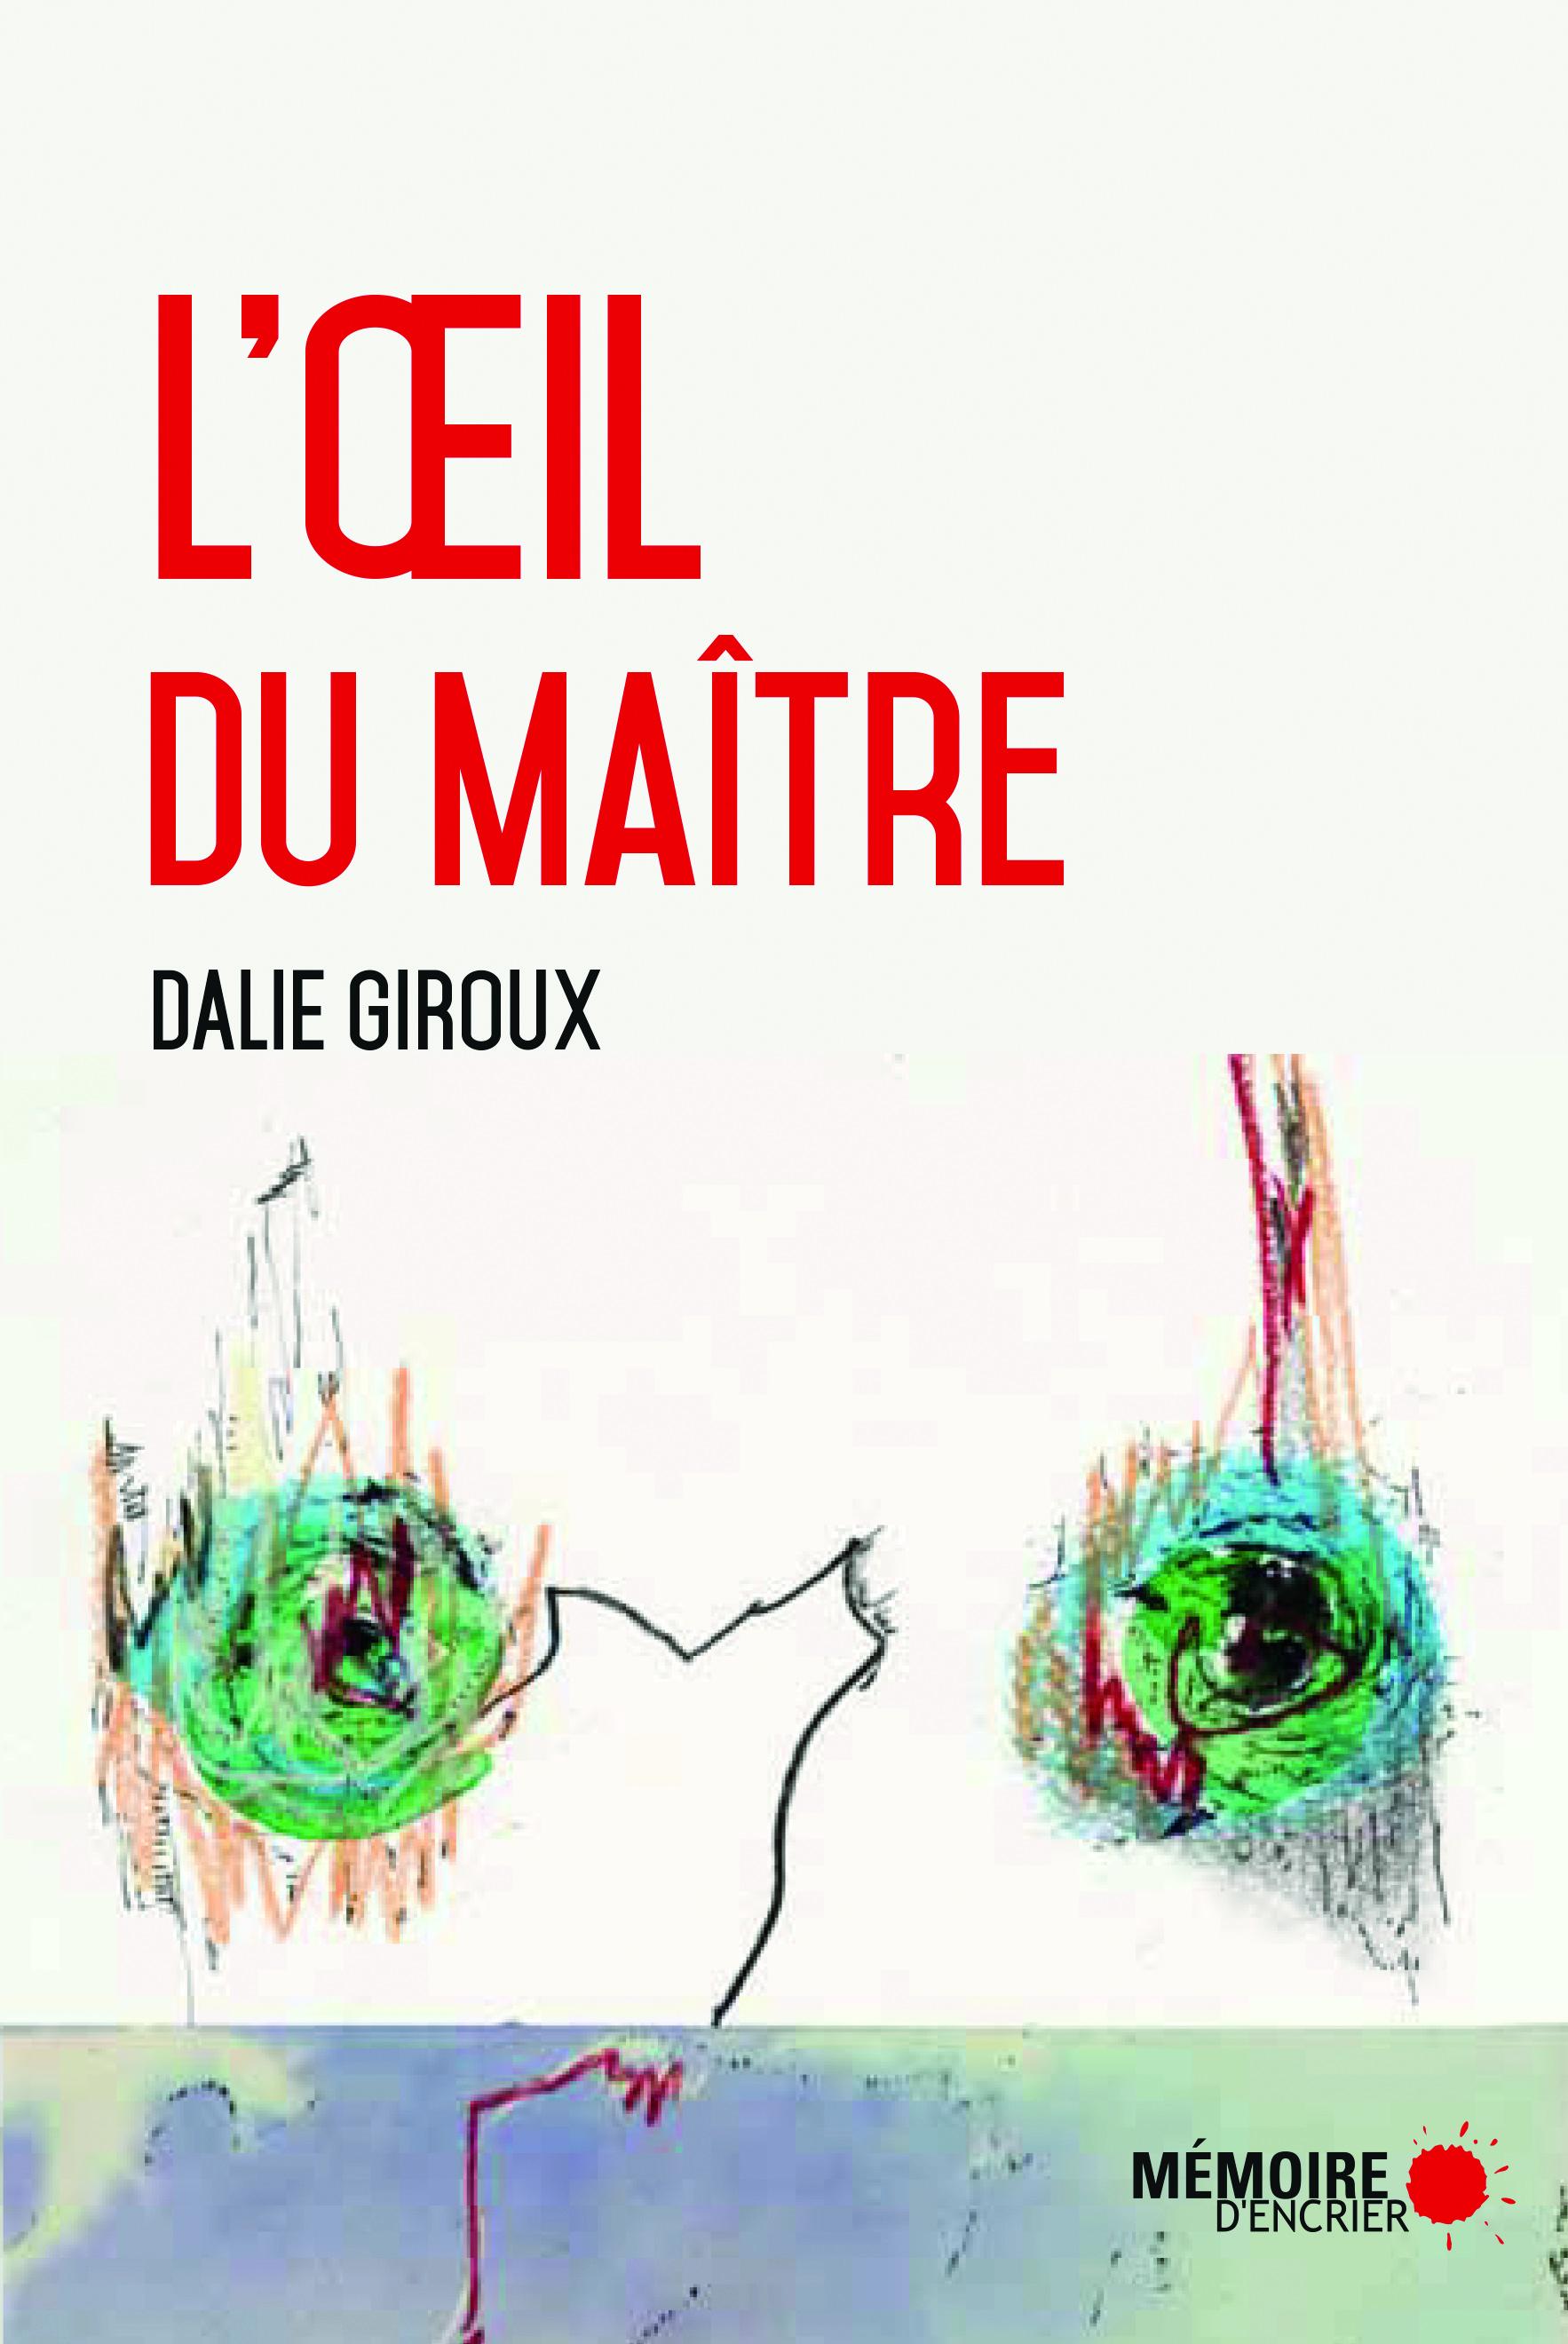 L'œil du maître, de Dalie Giroux, éditions Mémoire d'encrier